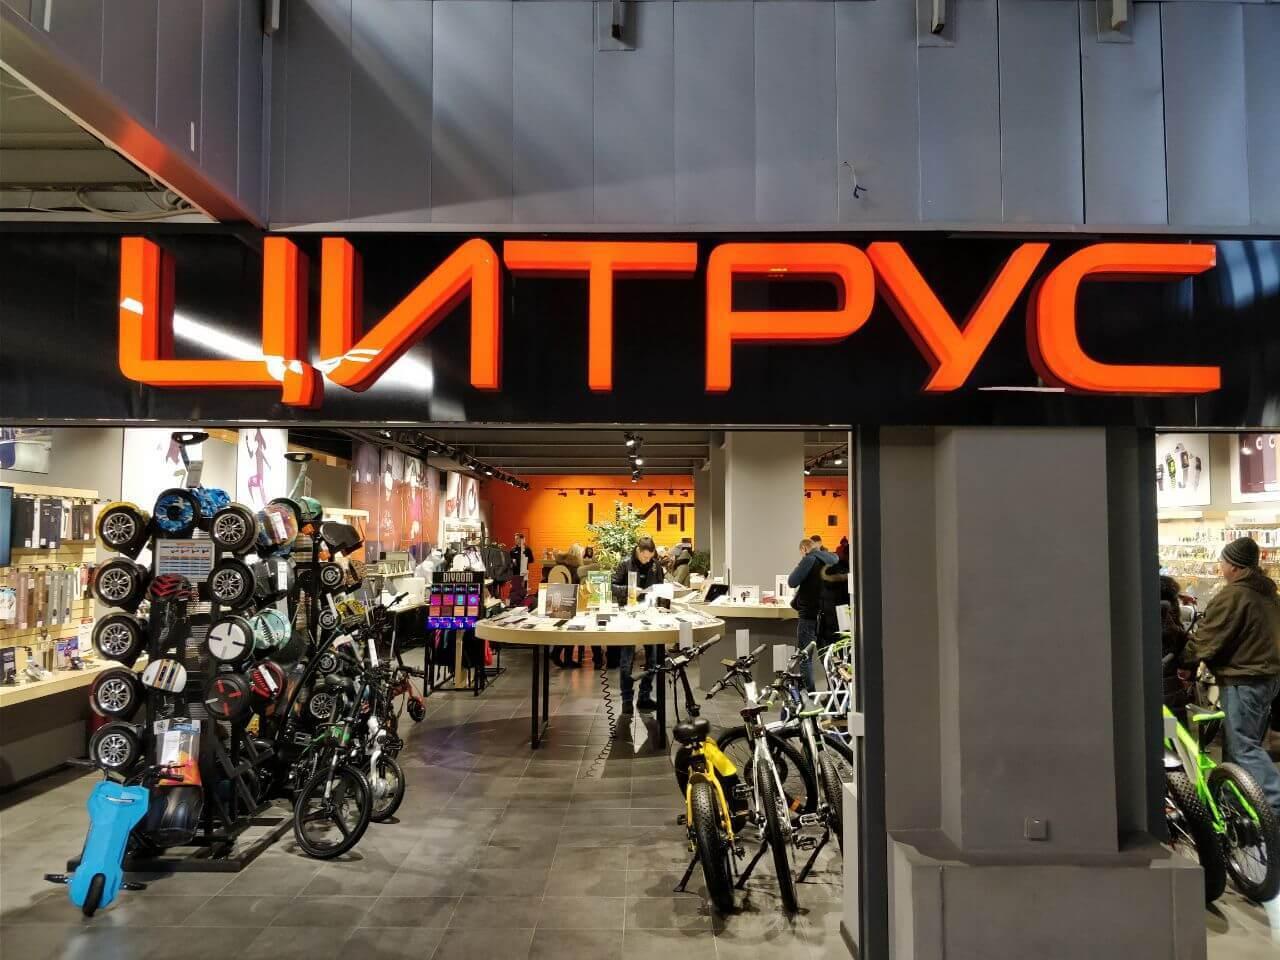 """Магазины """"Цитруса"""" много чего сделали в Украине первыми"""